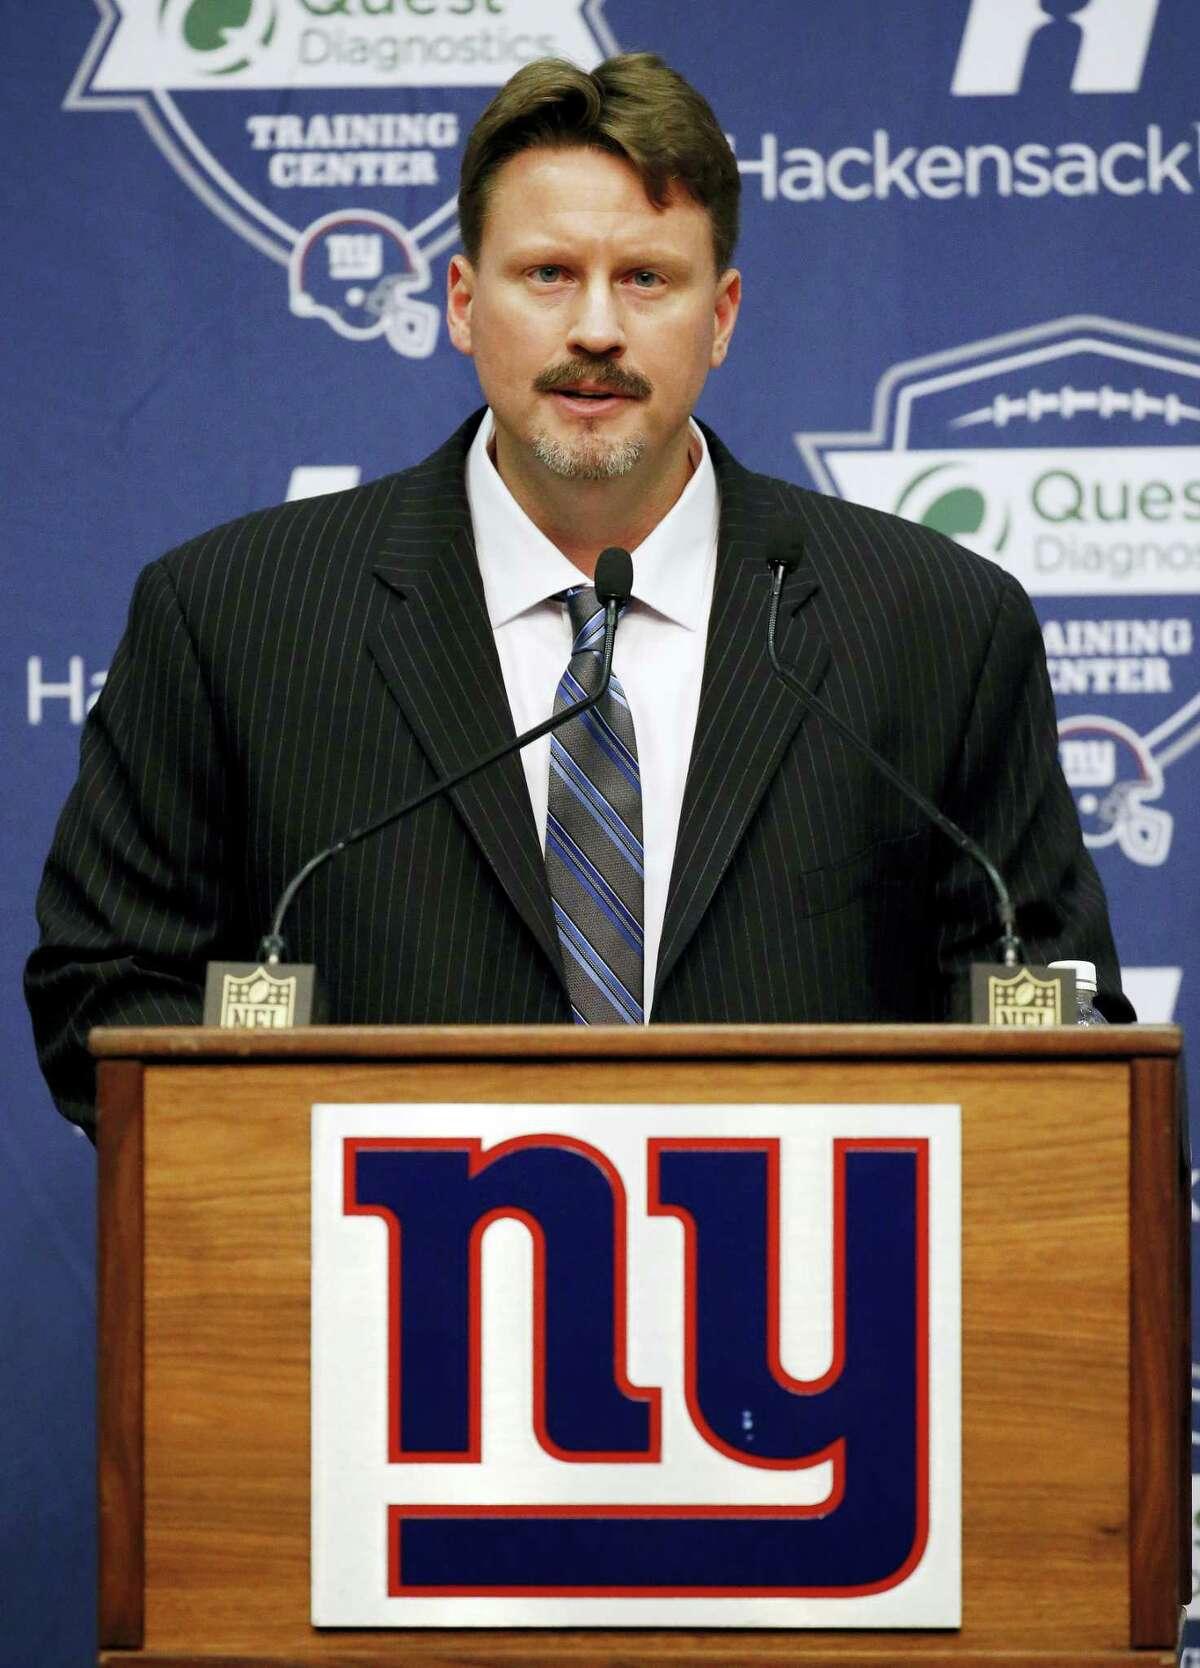 New York Giants head coach Ben McAdoo.